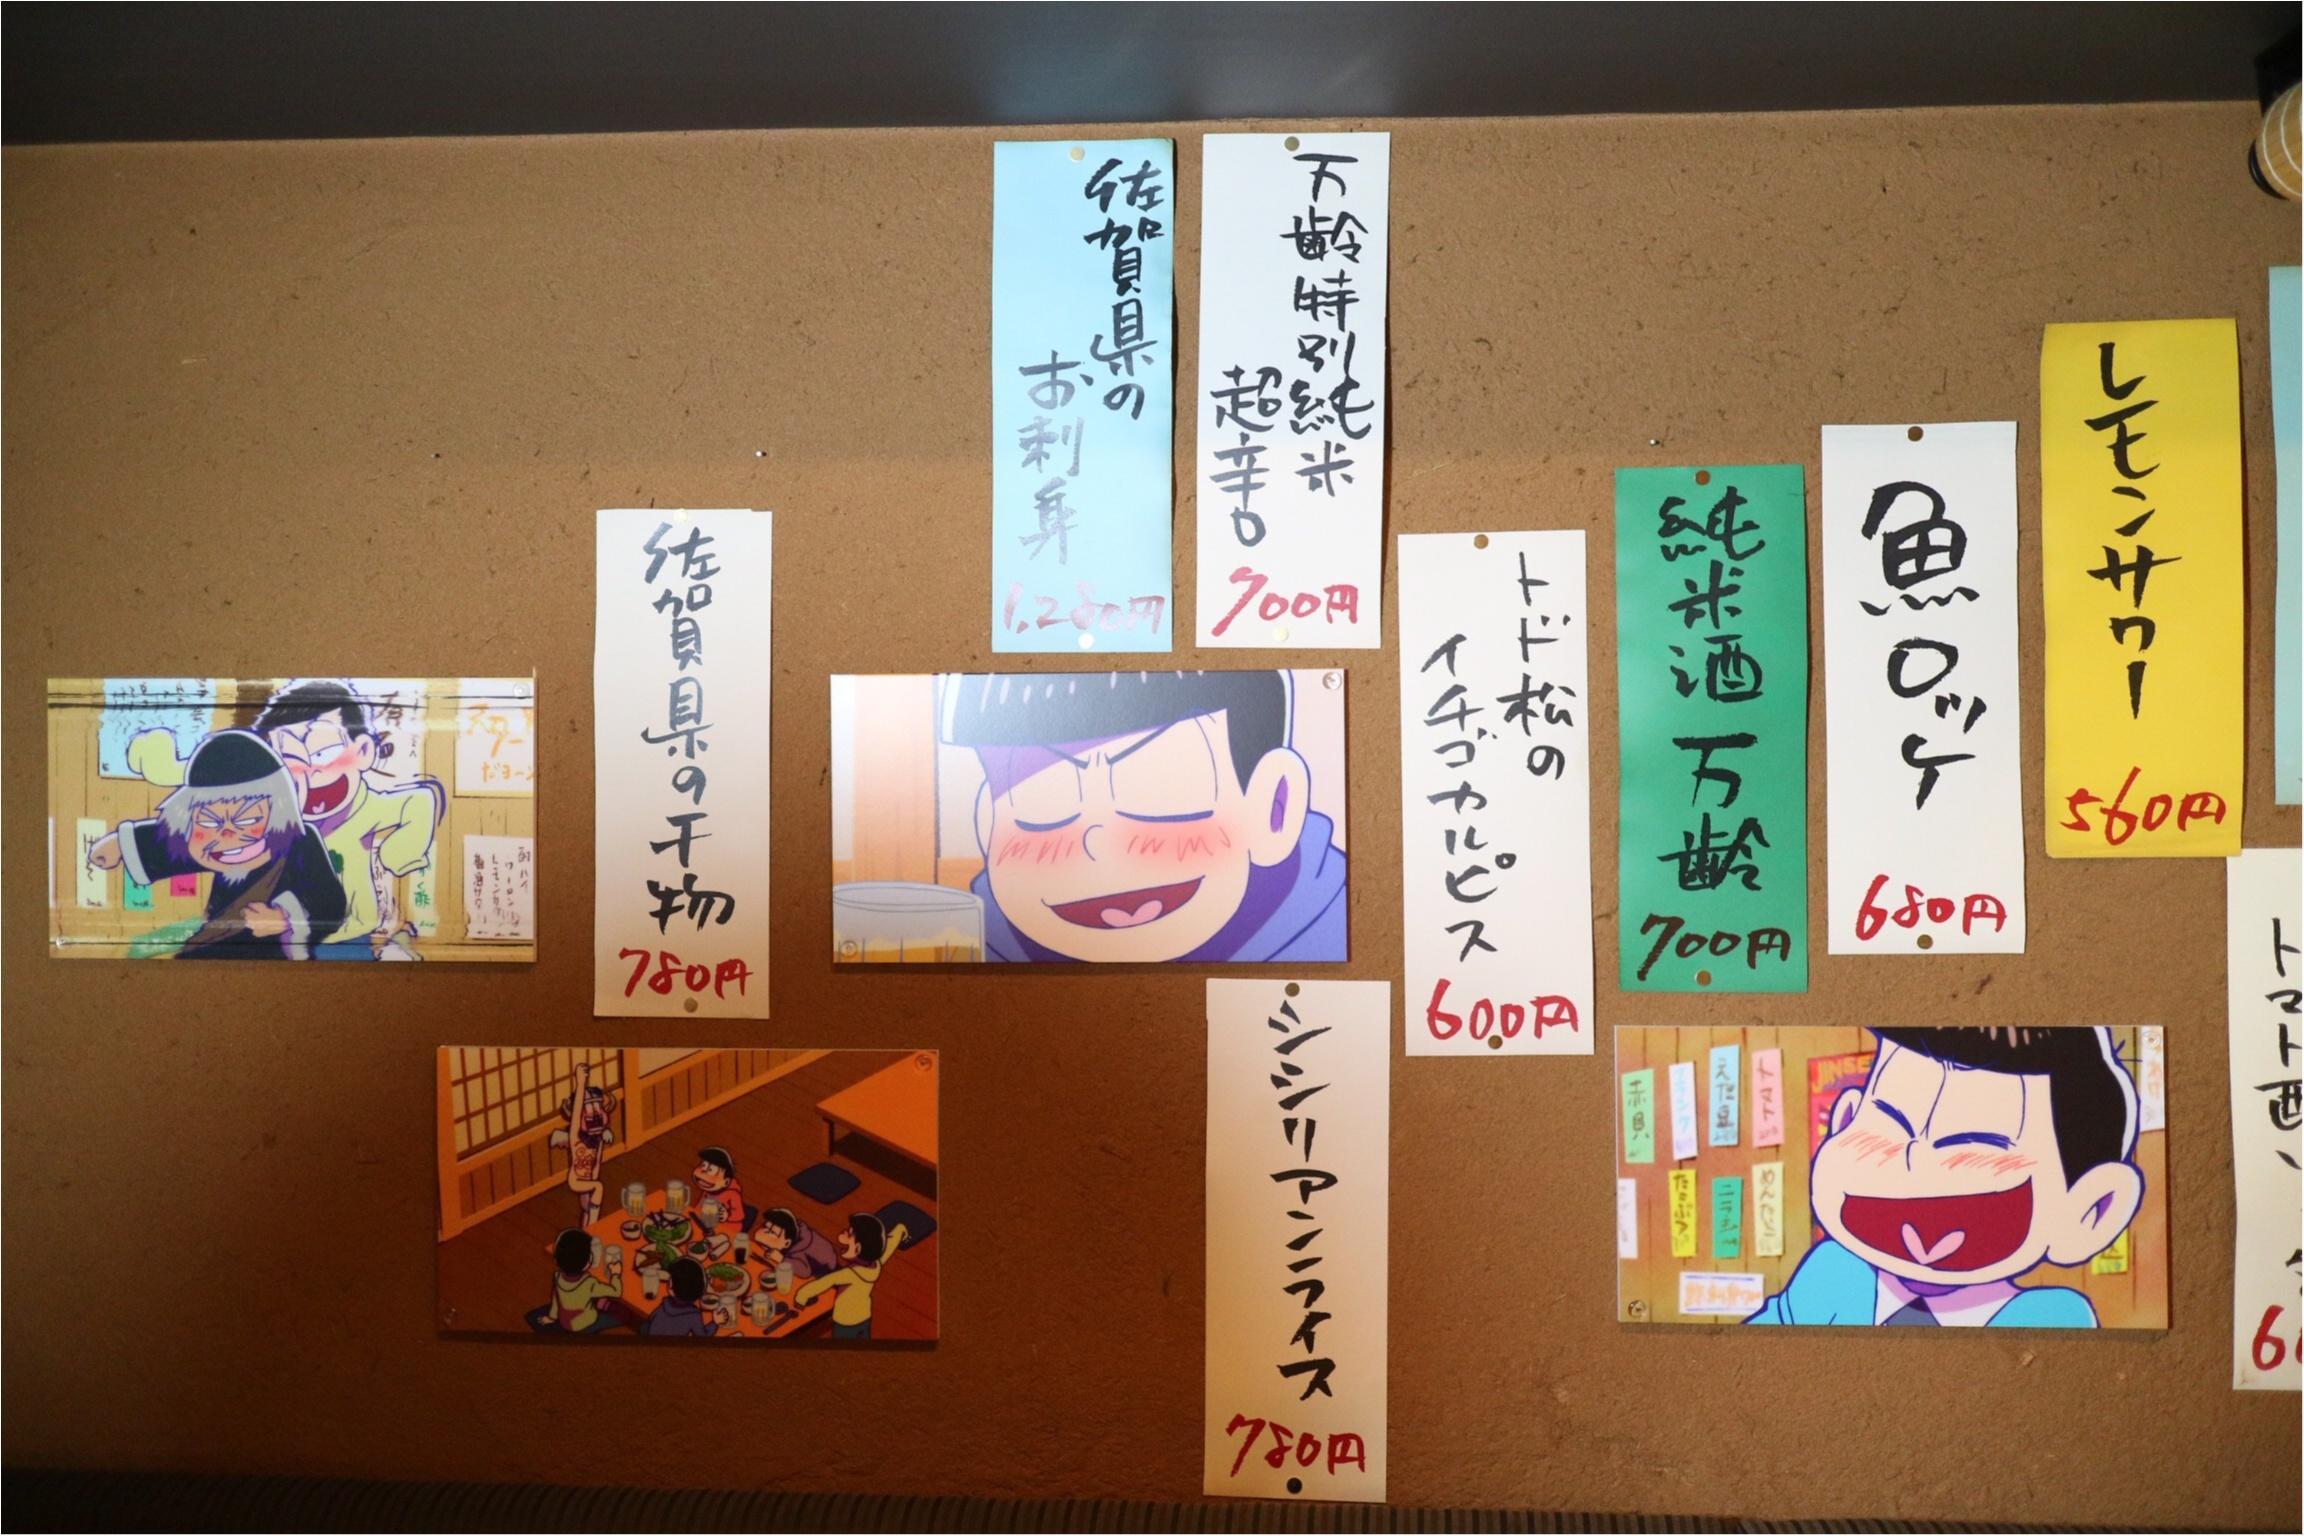 大人気の「おそ松さん」が佐賀県とコラボ!? 『さが松り居酒屋』で六つ子と一緒に飲んできました☆_2